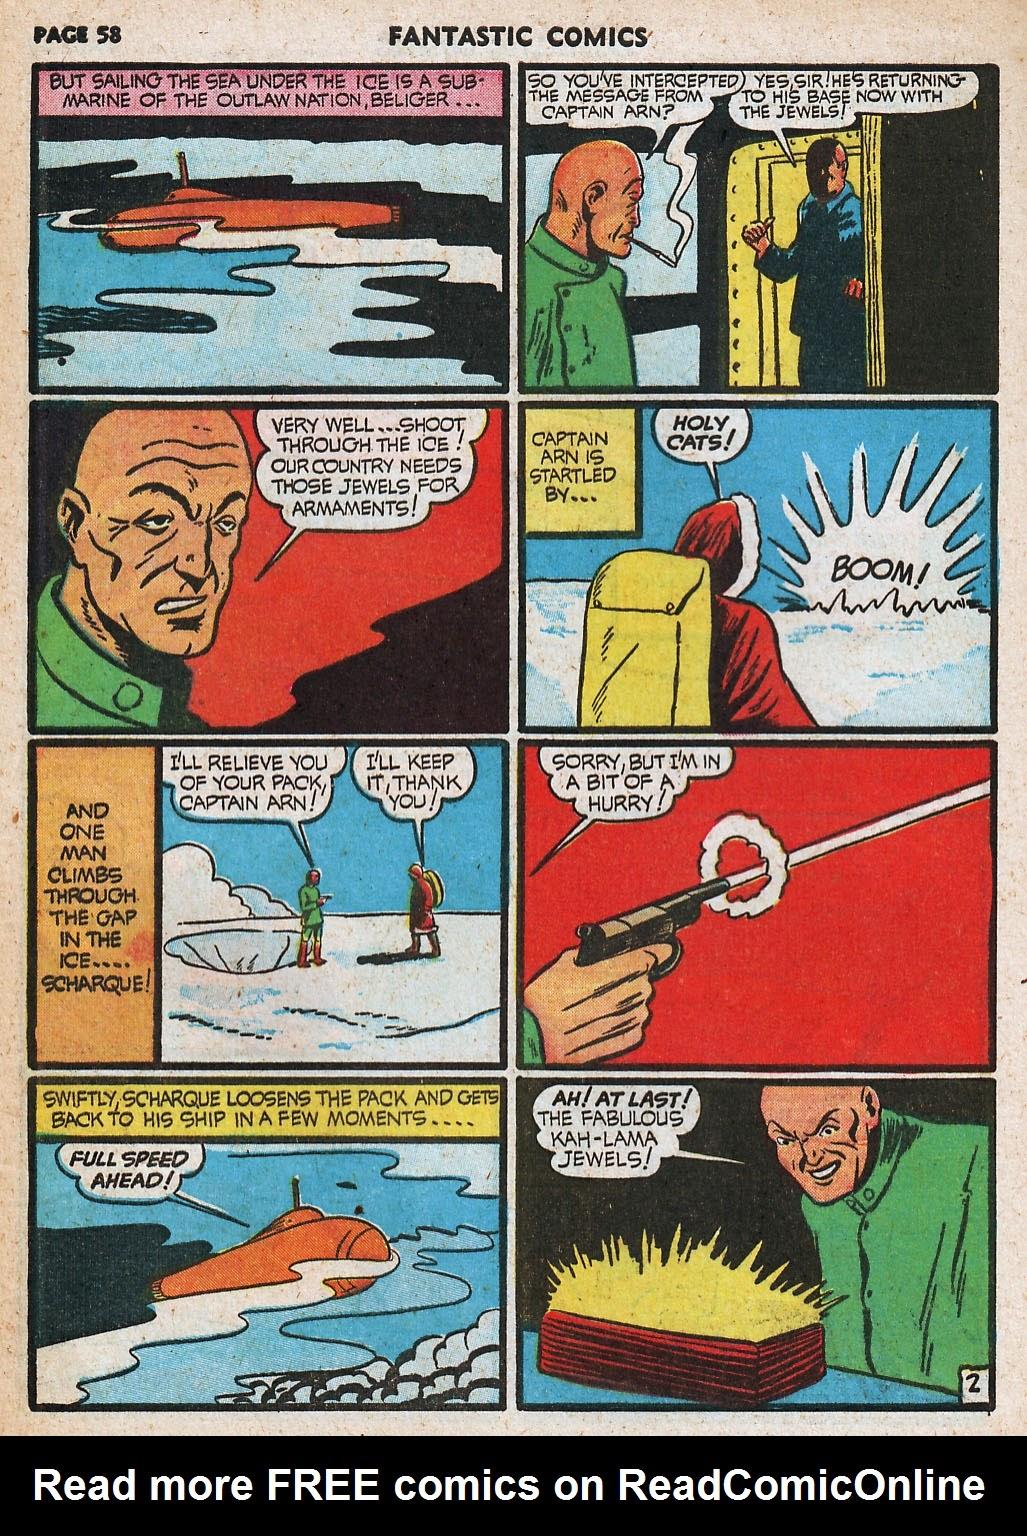 Read online Fantastic Comics comic -  Issue #20 - 58